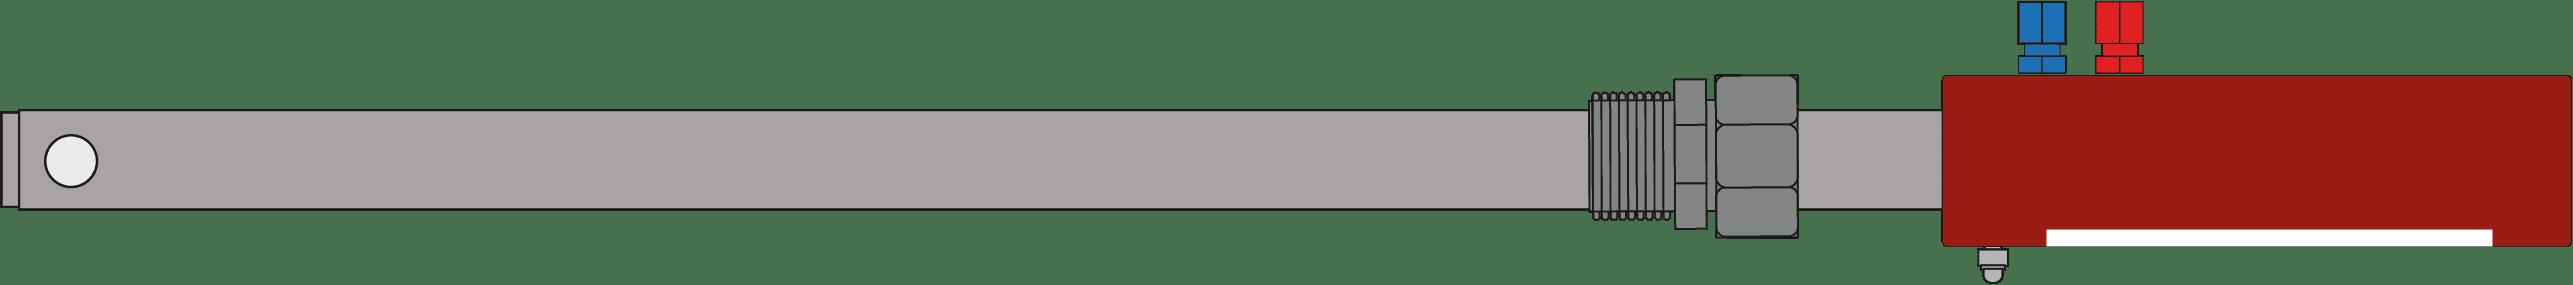 Sonde CarboProbe ZI Pro